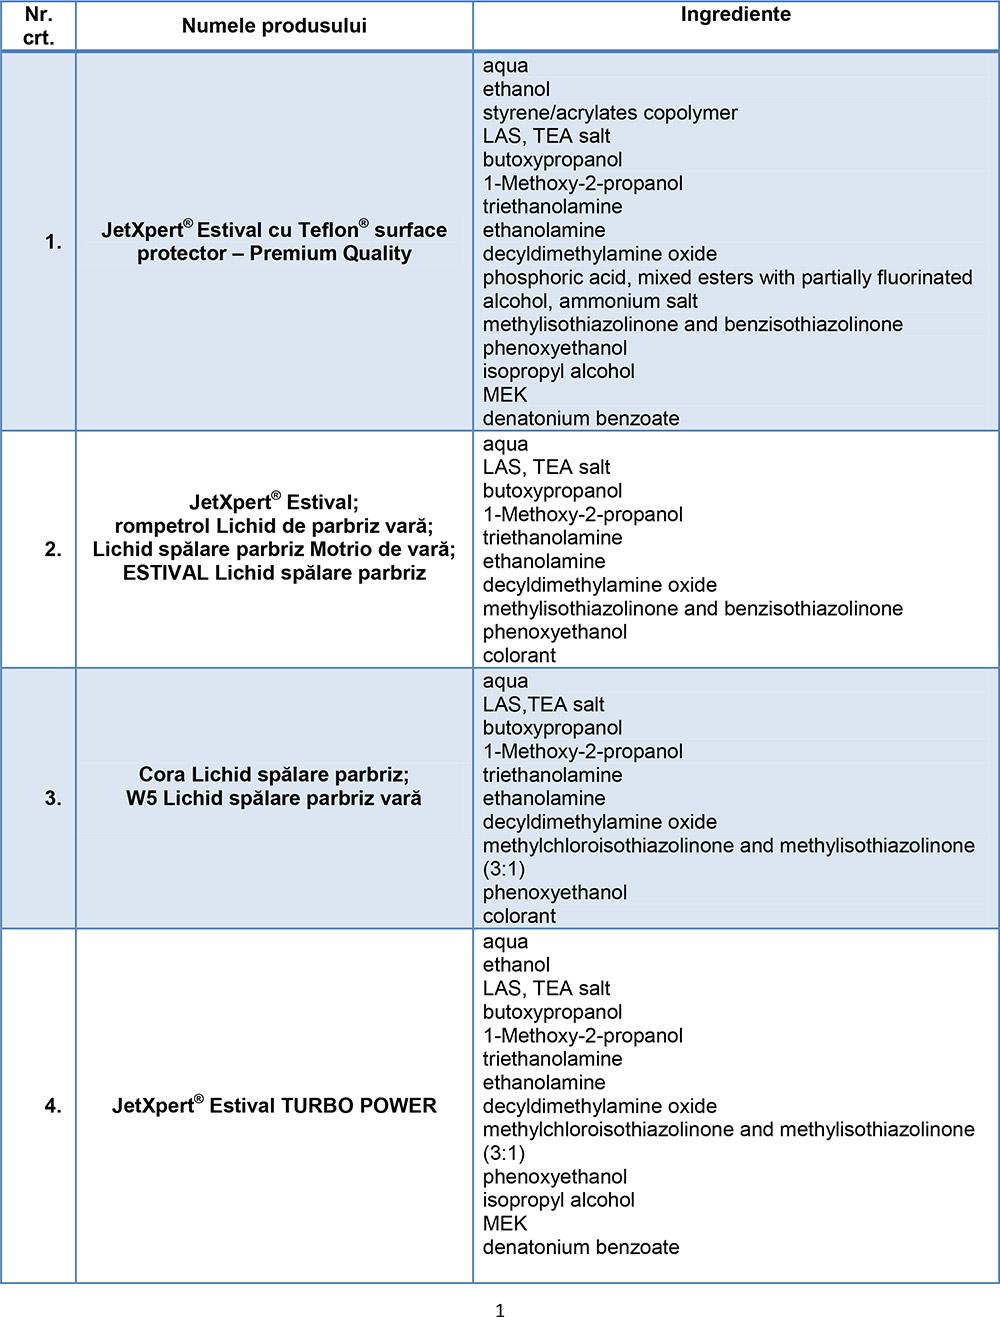 Lista ingredientelor în conformitate cu Regulamentul (CE) nr. 648/2004 al Parlamentului European și al Consiliului din 31 martie 2004 privind detergenții.